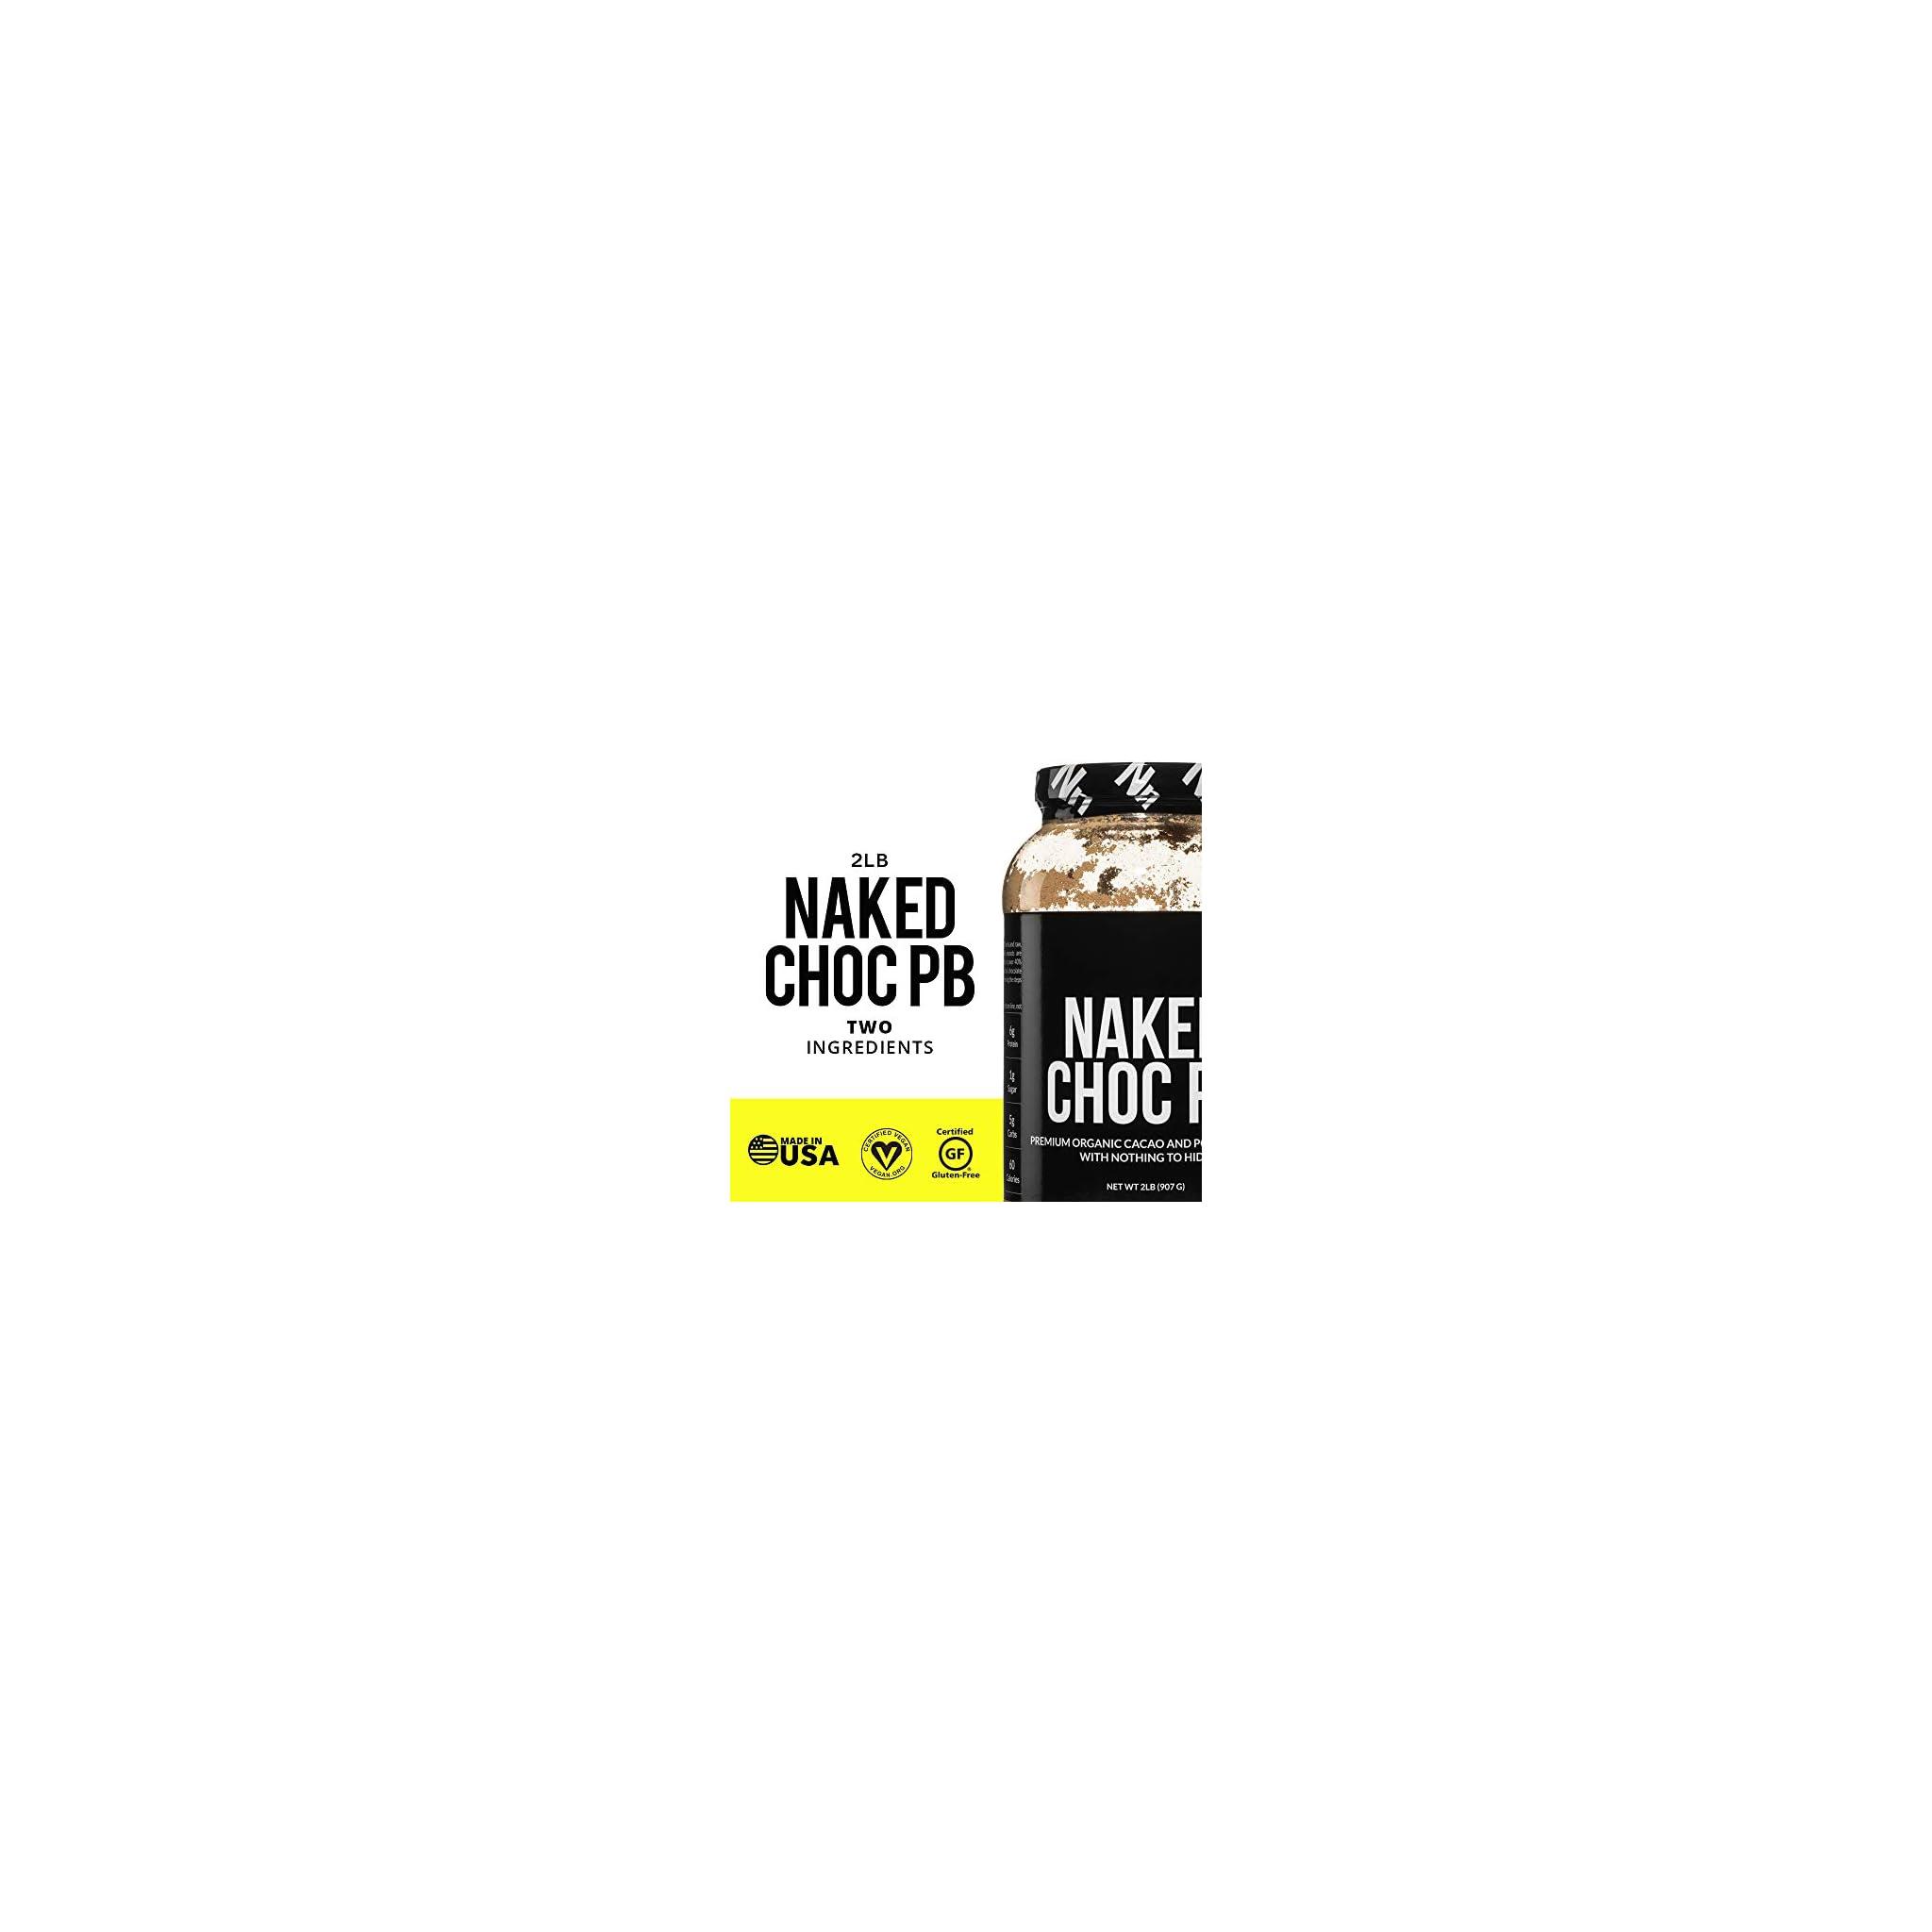 NAKED CHOC PB - Premium Organic Cacao and Powdered PB